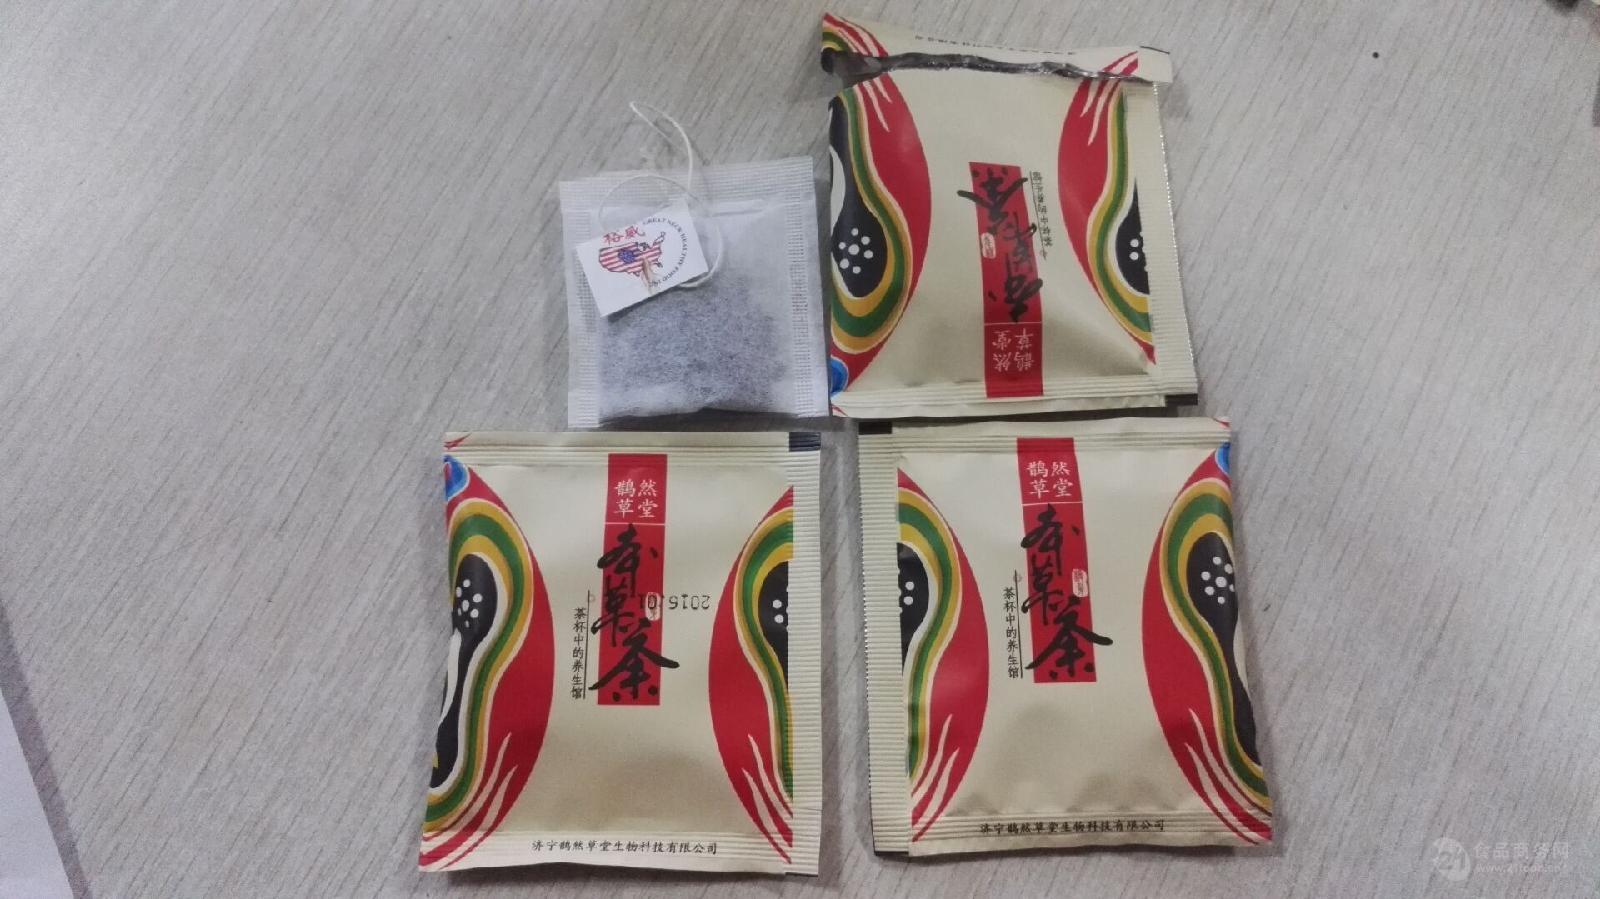 保健茶茉莉花茶包装机代用茶挂线挂标包装机